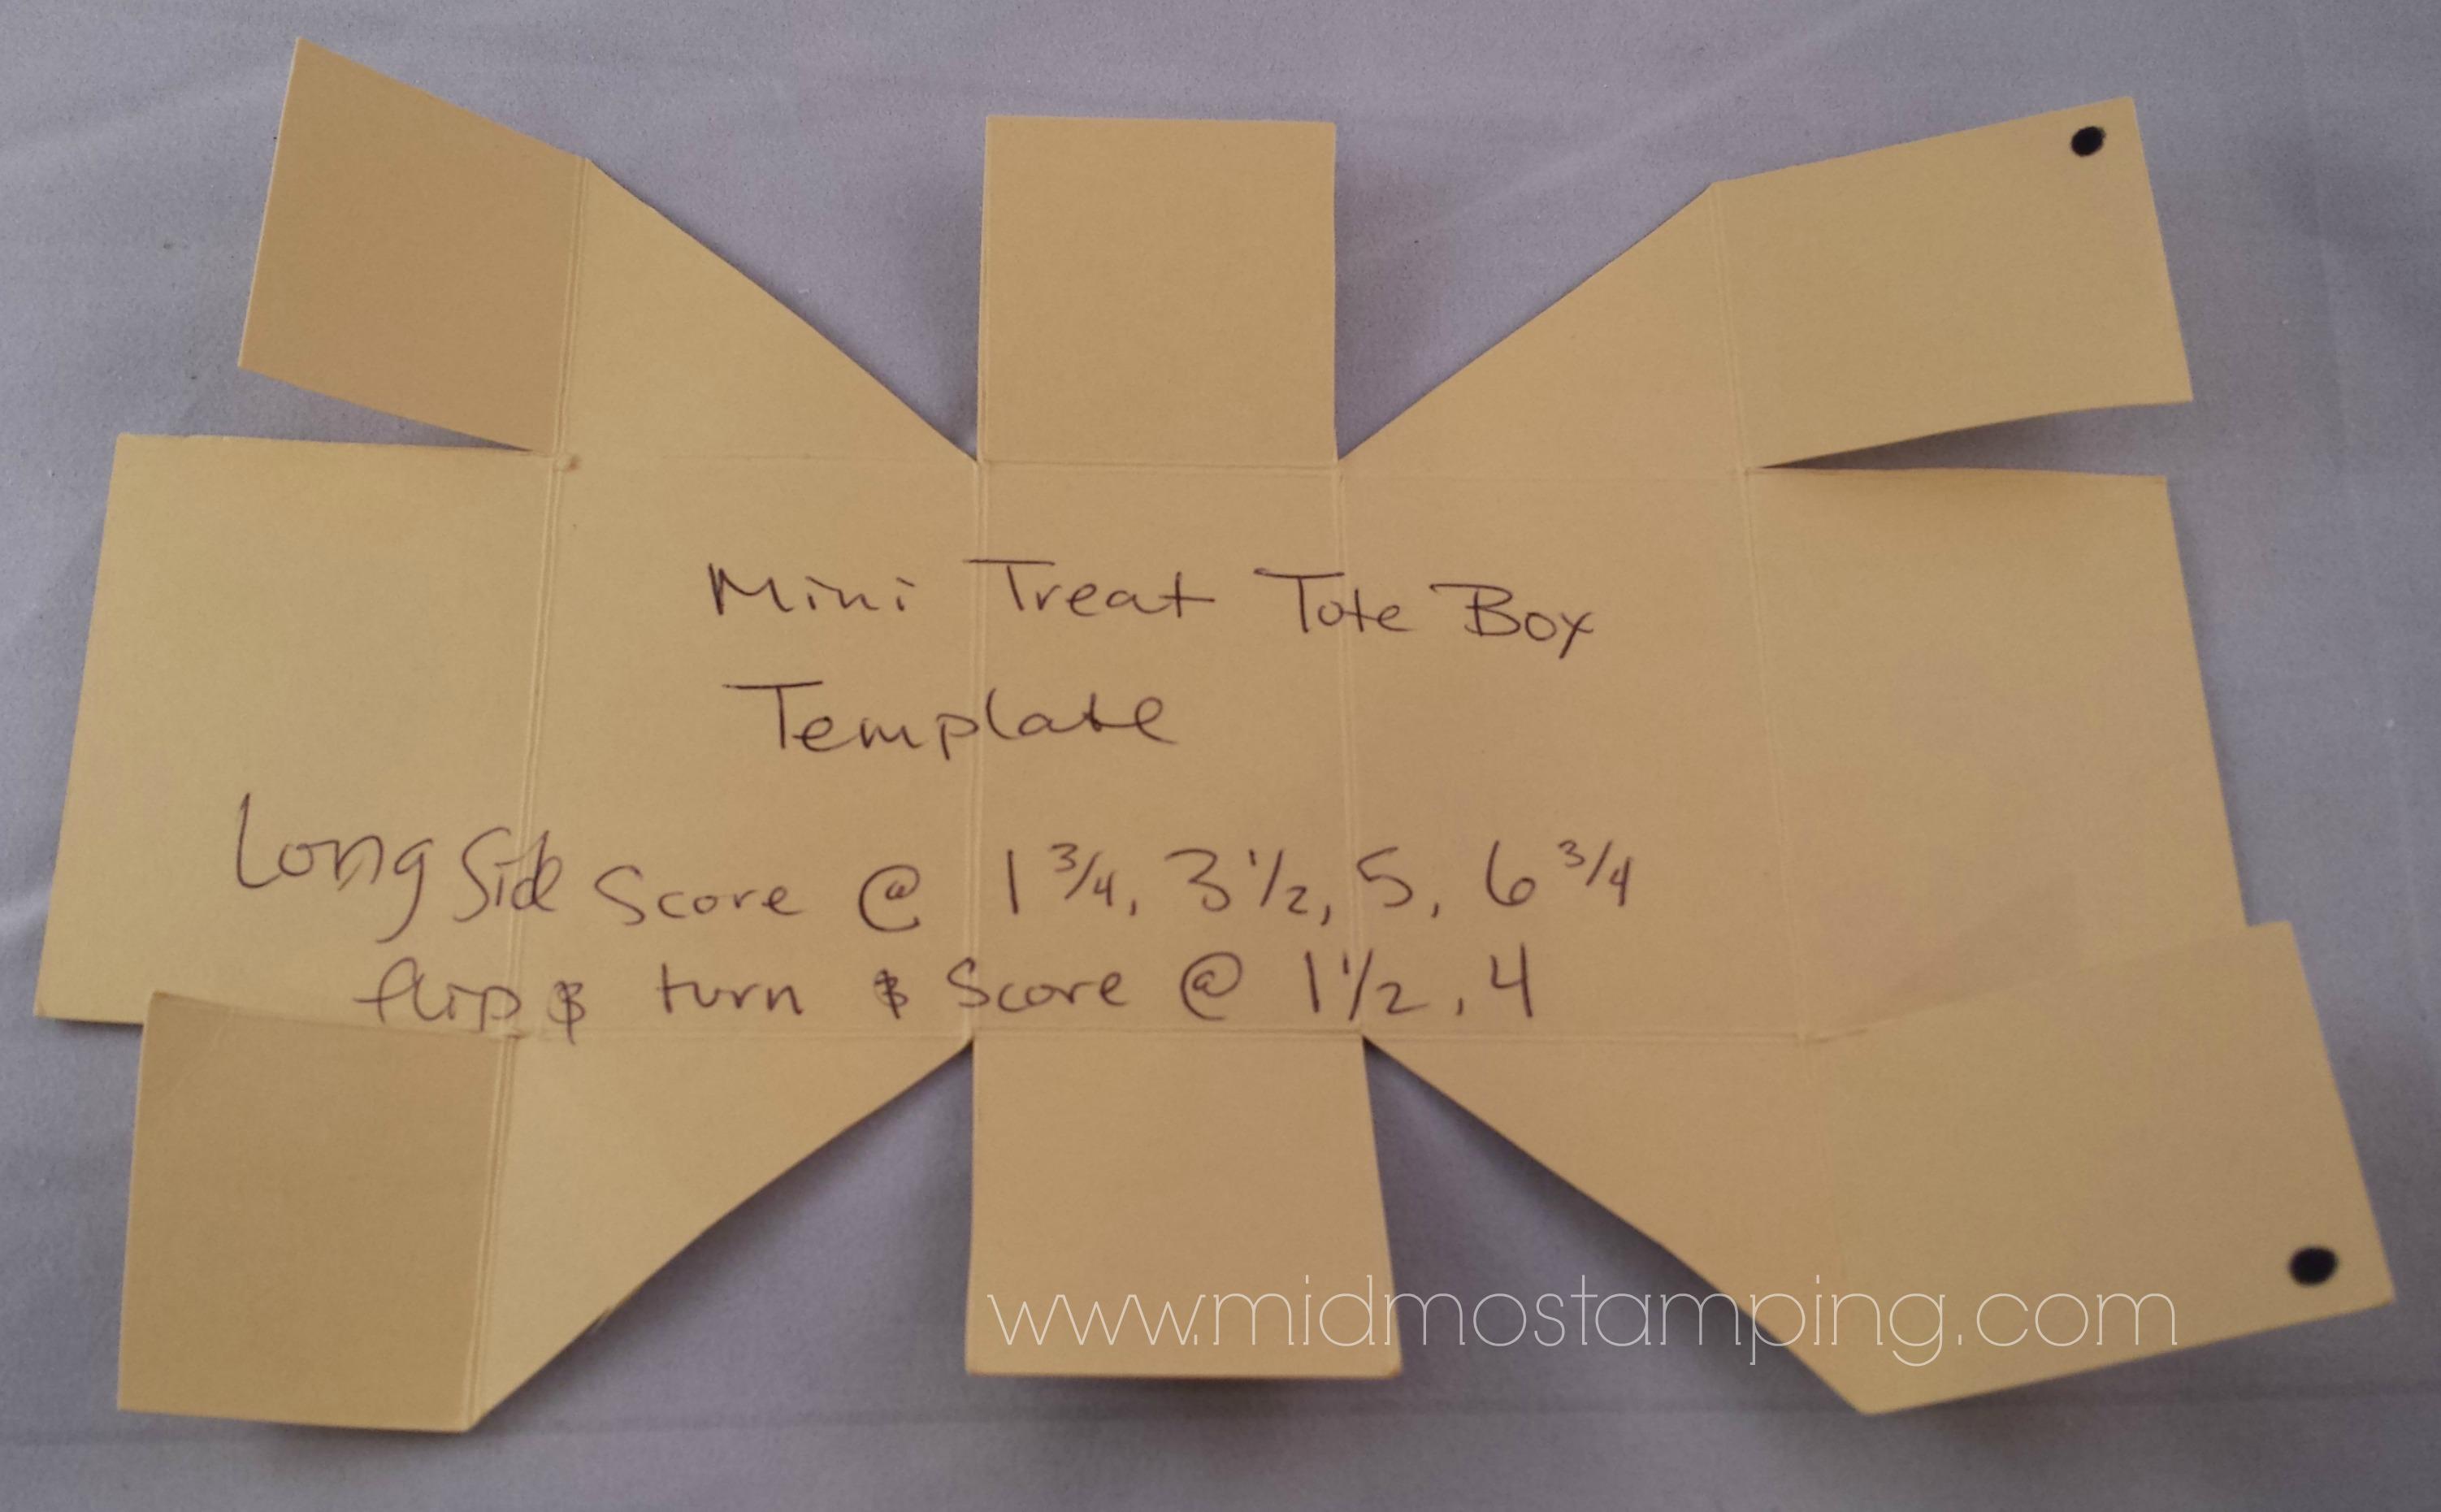 treat box Mid-MO Stamping